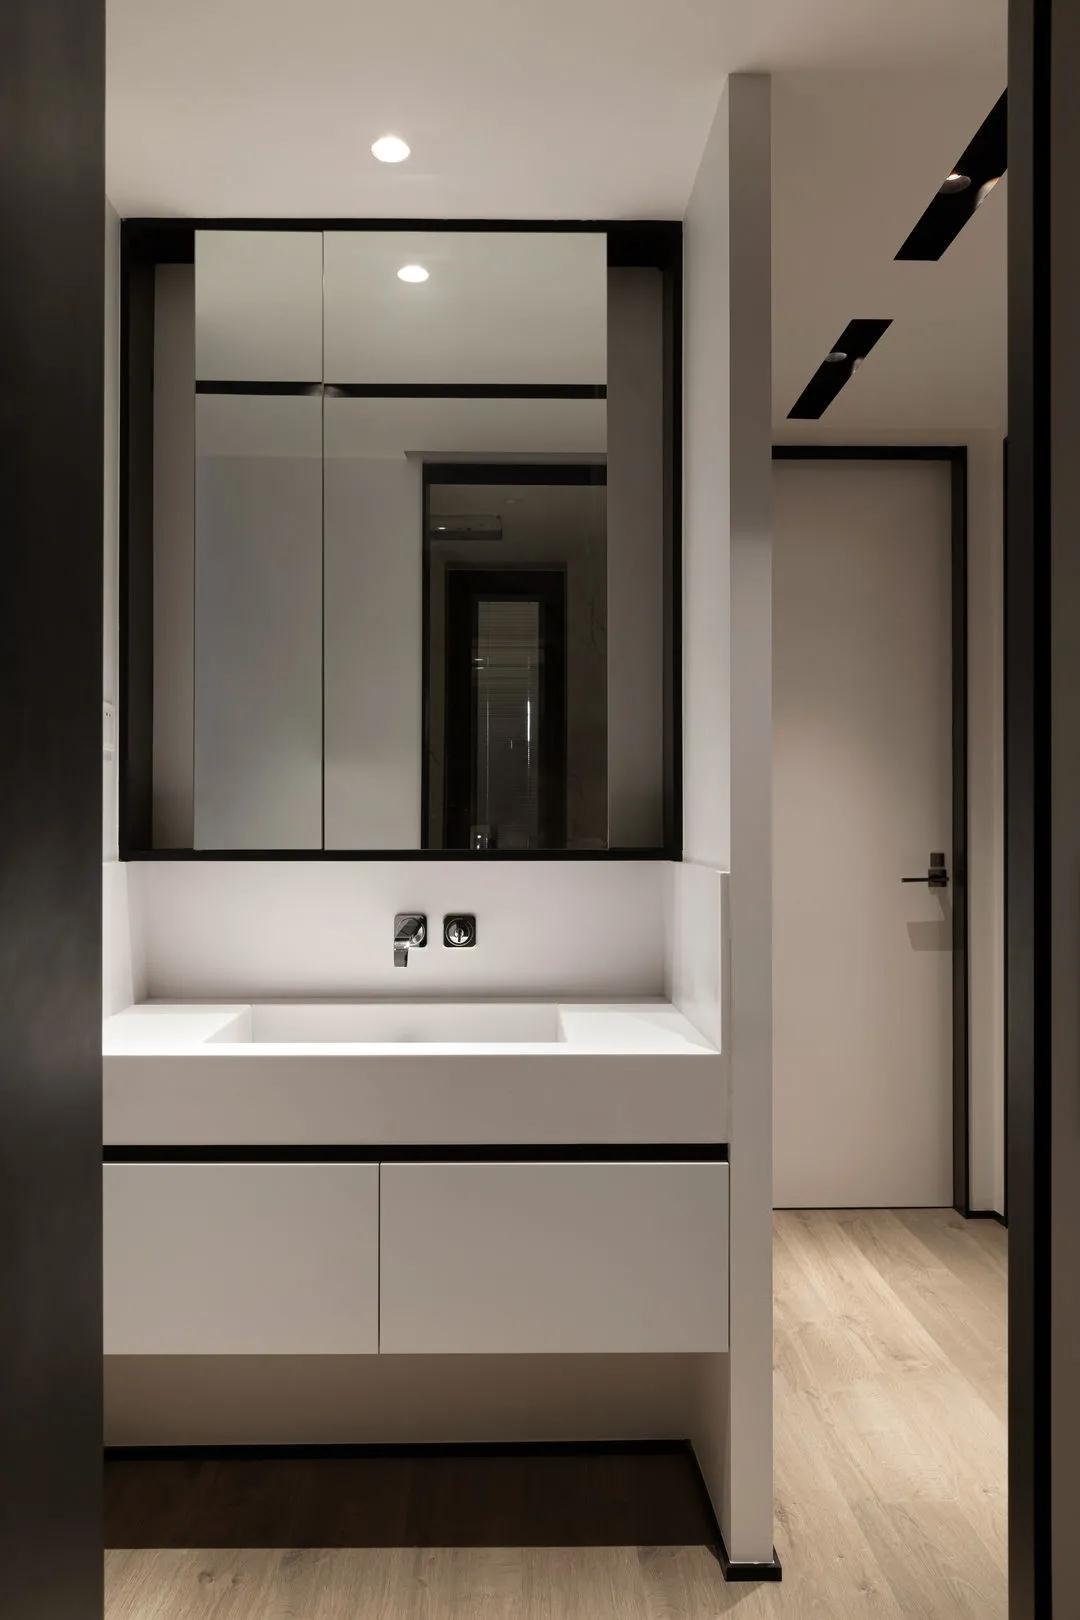 75㎡小两室,全屋极简的硬装风格,竟没有丝毫的俗气